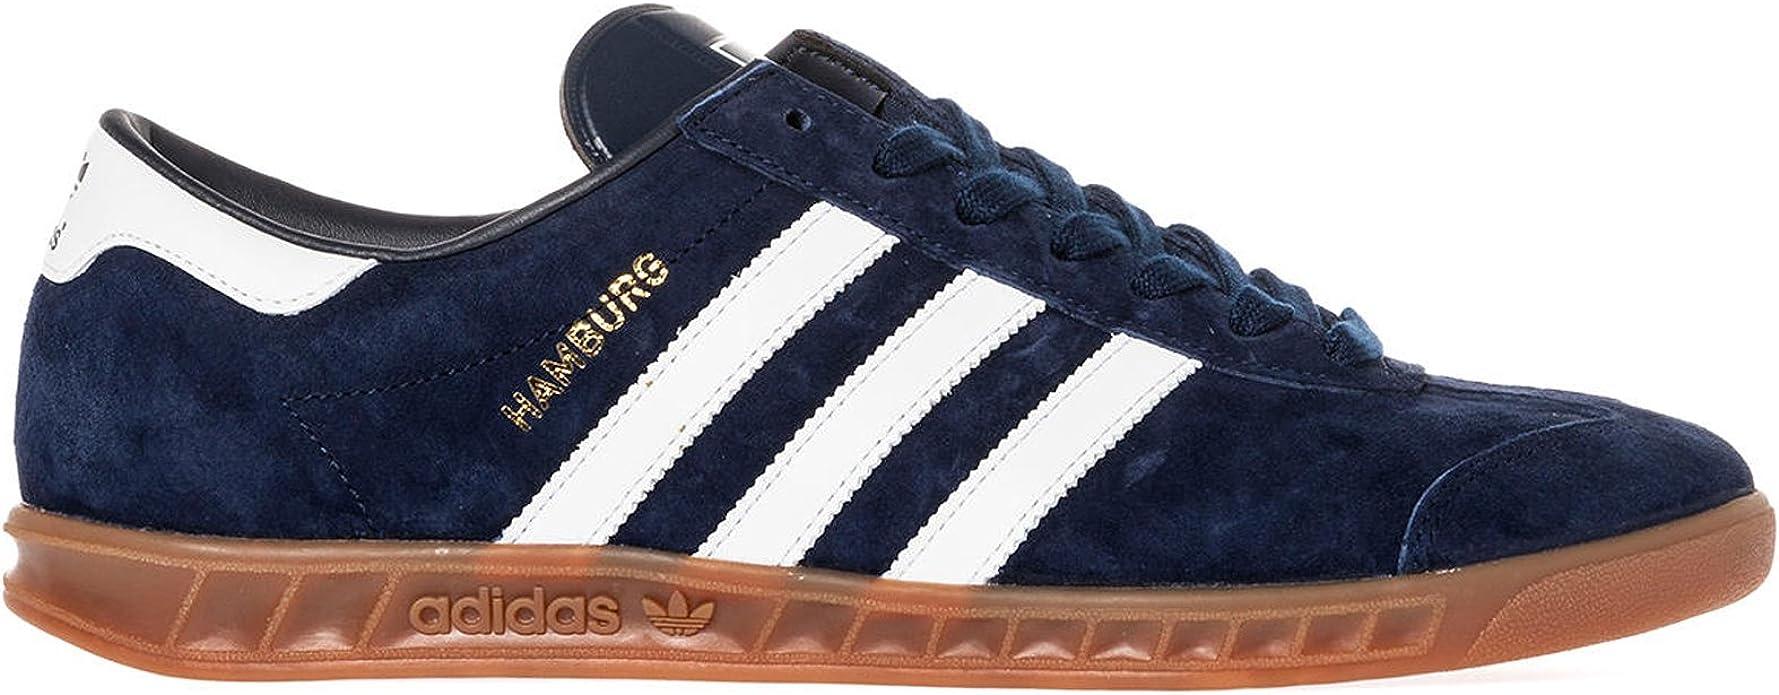 Adidas Hamburg Navy White Mens Trainers Size 11.5 UK: Amazon.co.uk ...